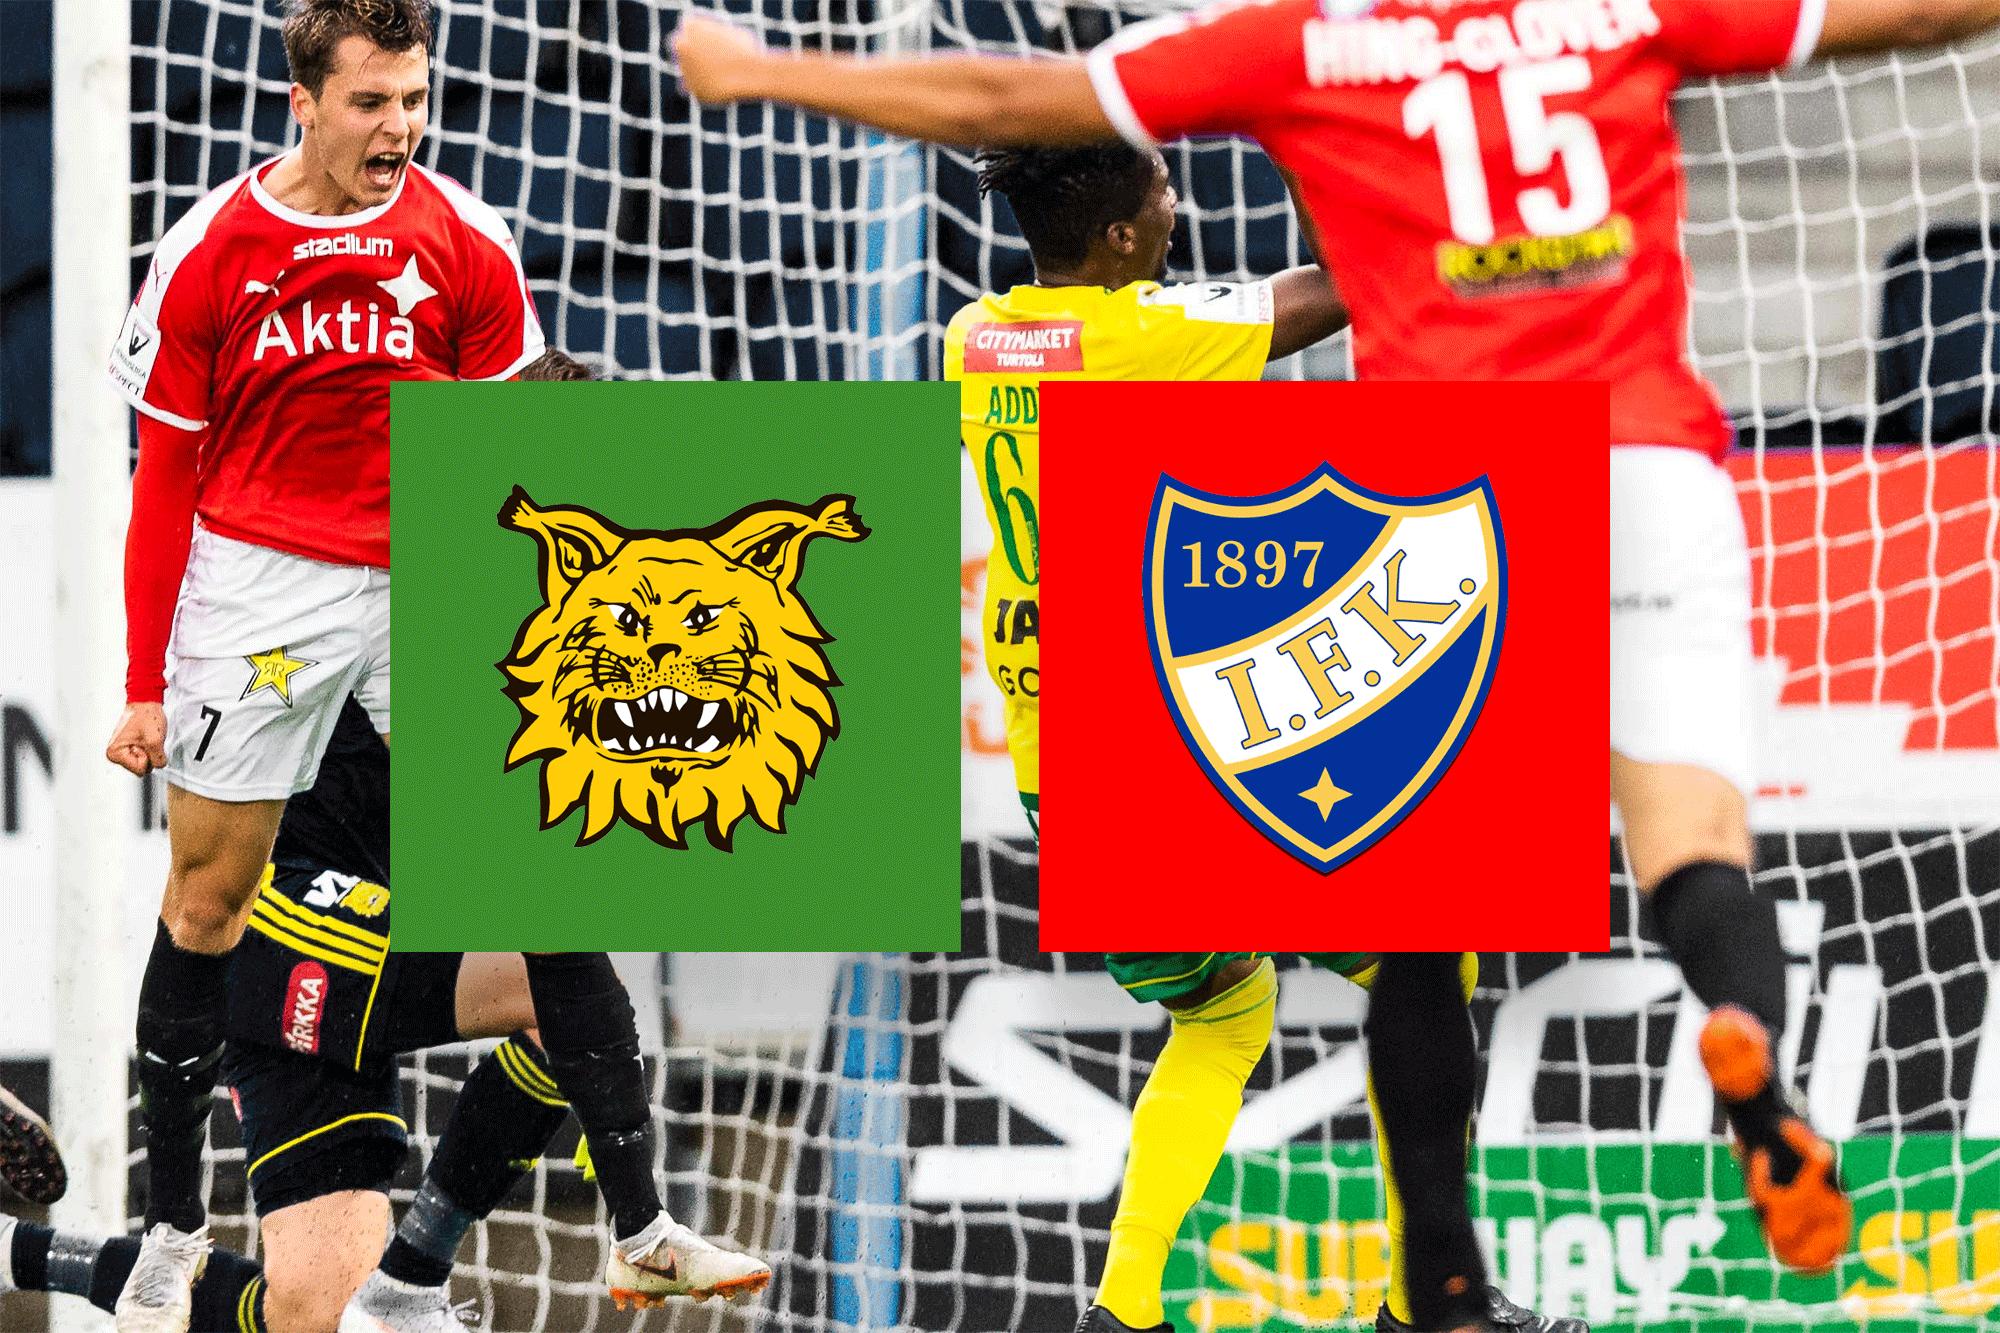 Inför matchen: Bortaturnén fortsätter i Tammerfors på lördag